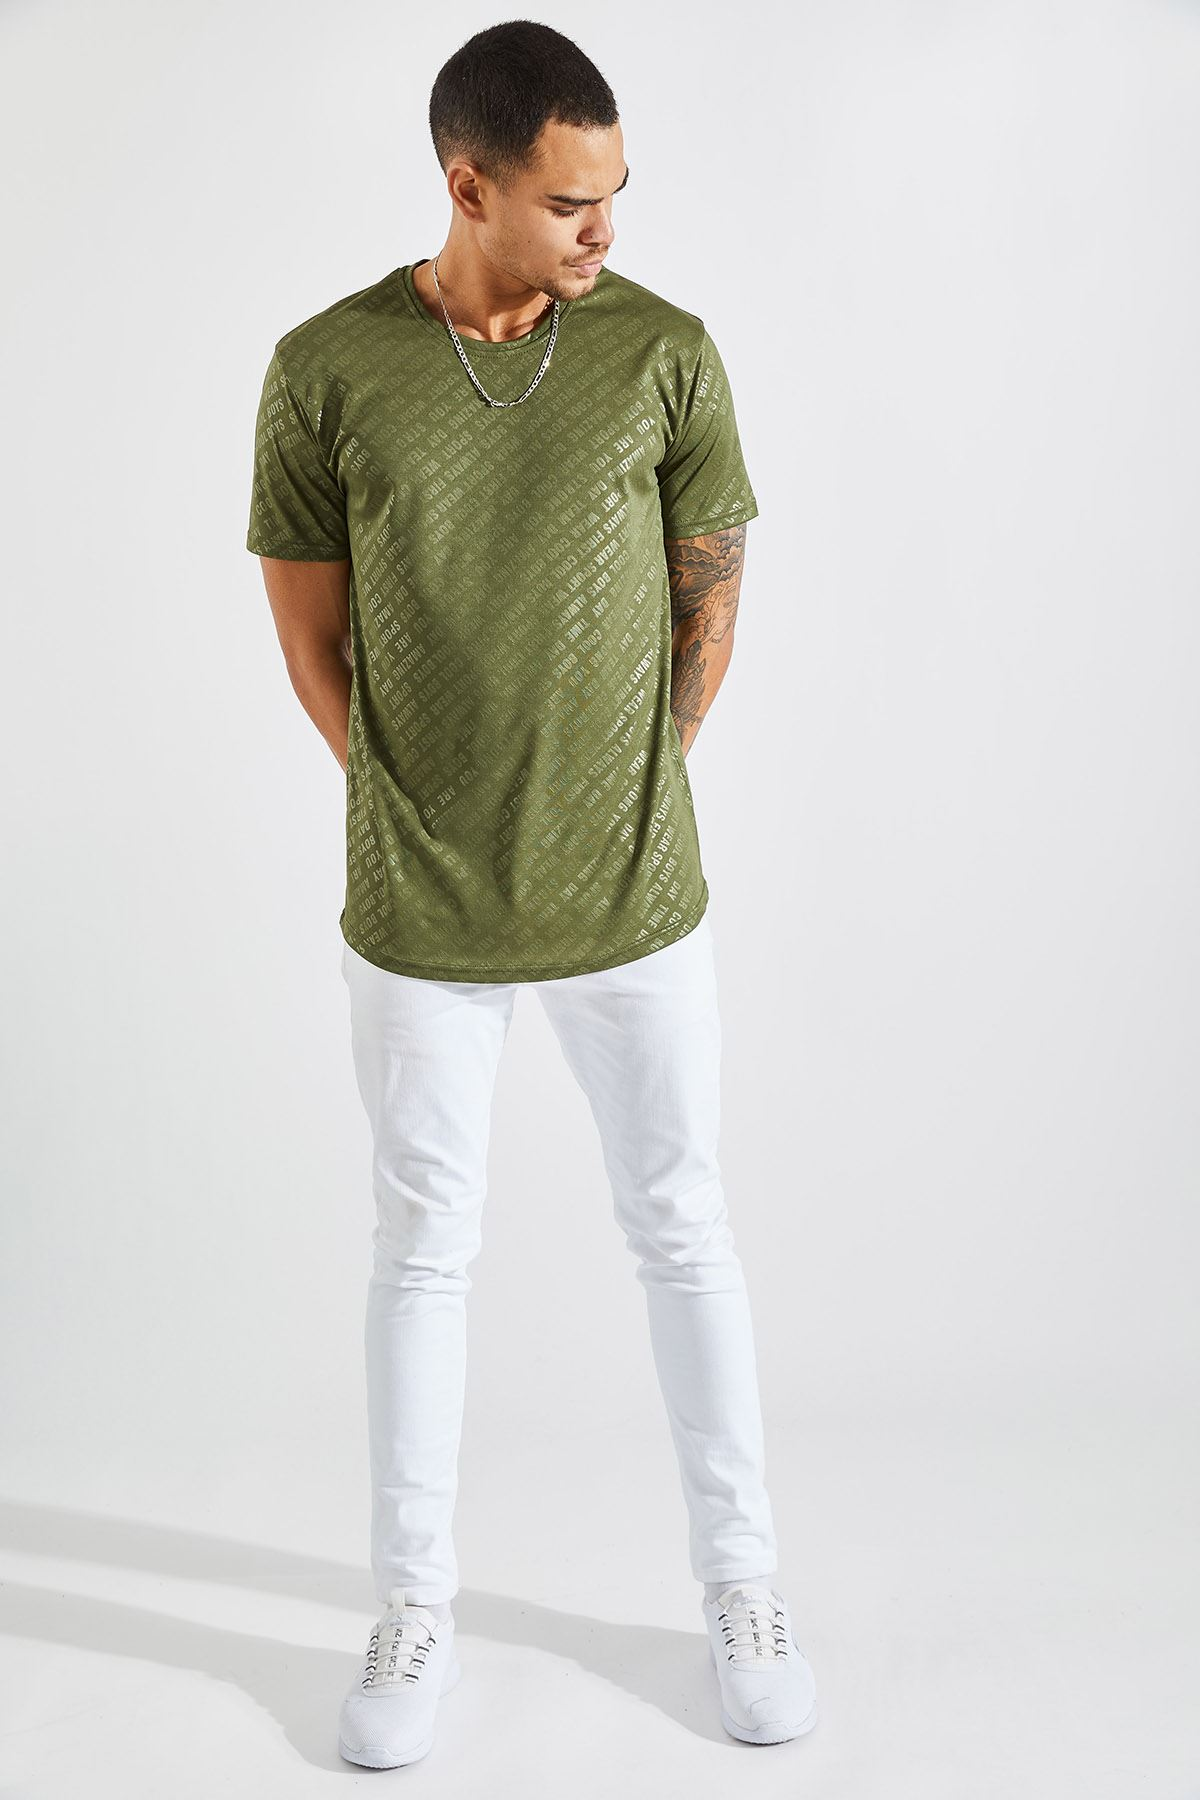 Erkek Baskılı Haki Tişört